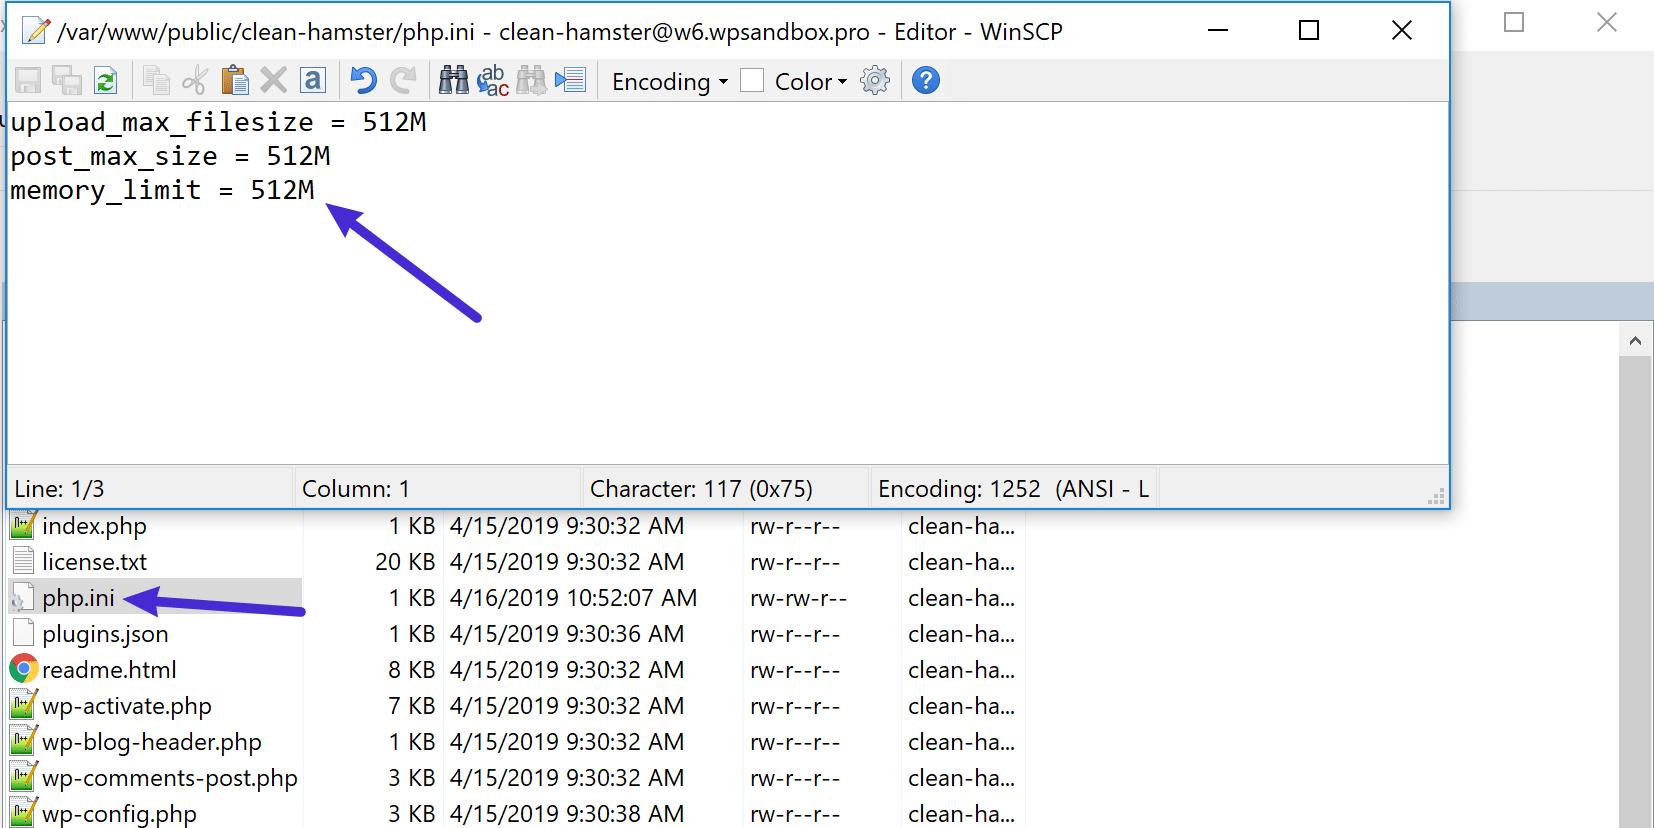 Adicionar o código ao arquivo php.ini